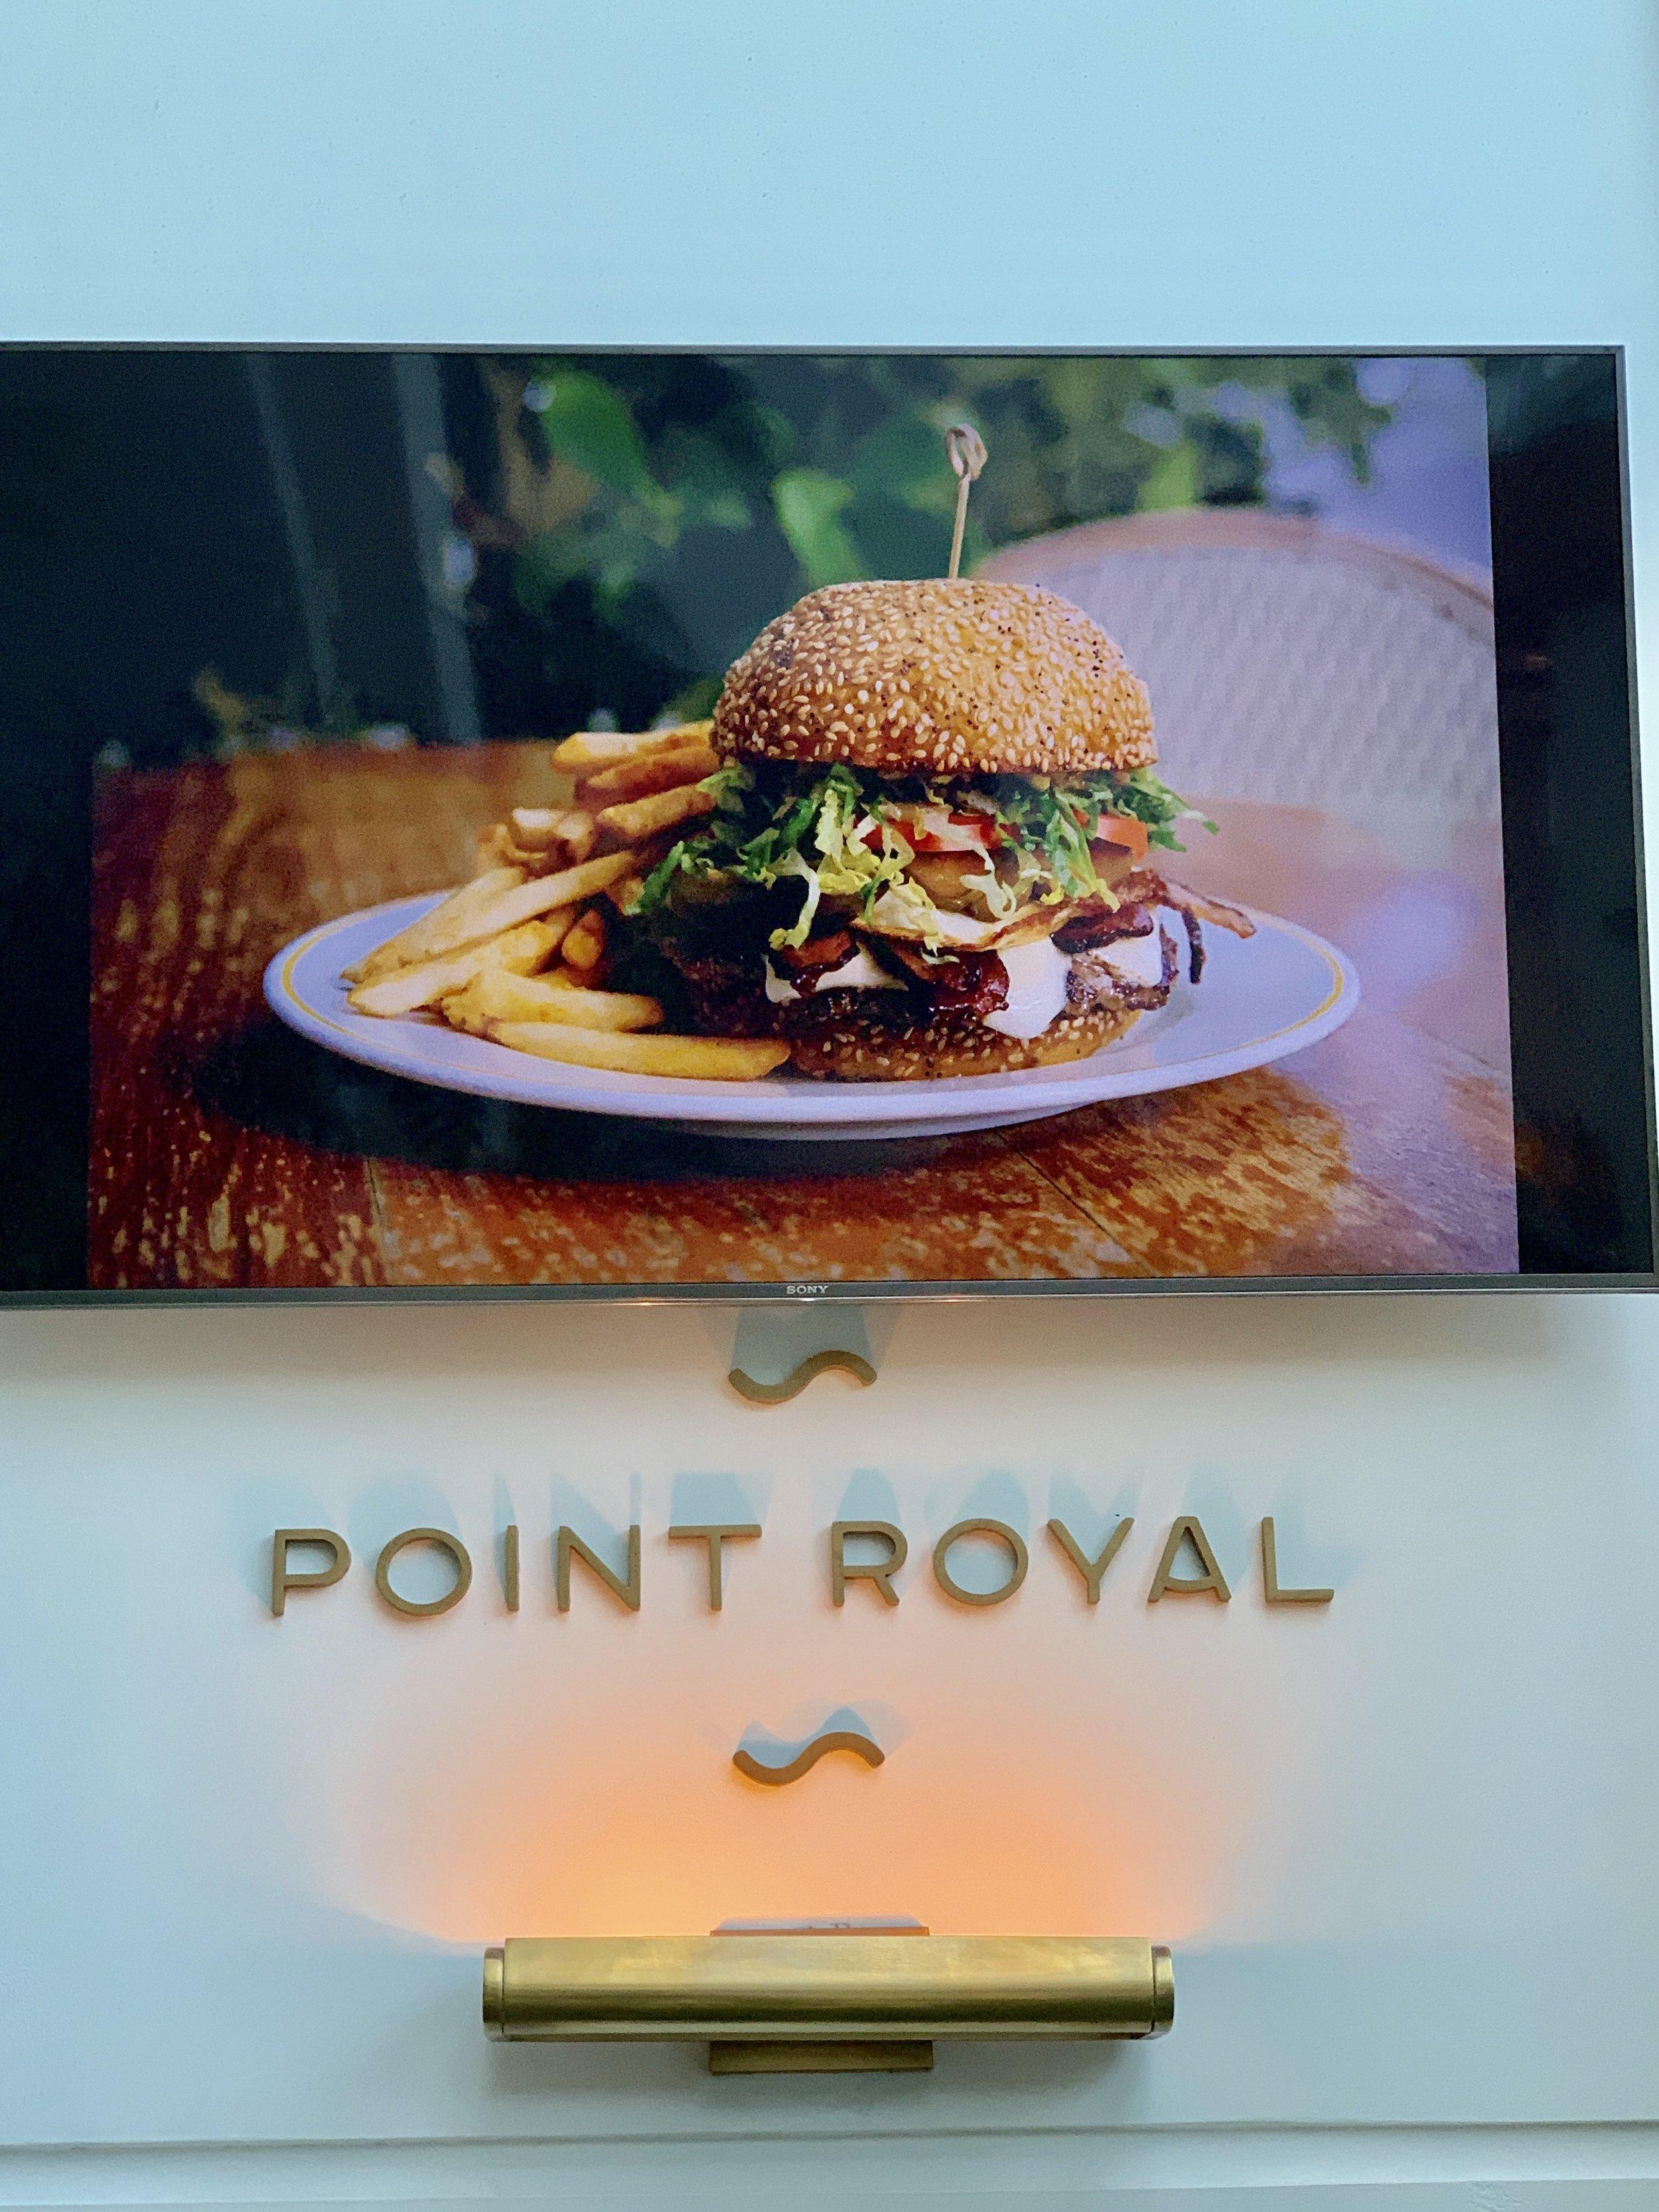 Point Royal at Diplomat Hollywood